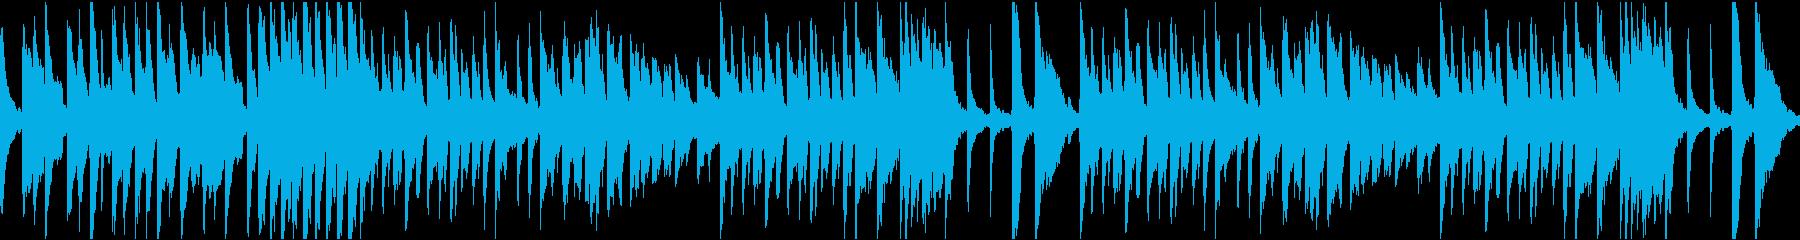 10秒でサビ、コミカル/静かめループの再生済みの波形